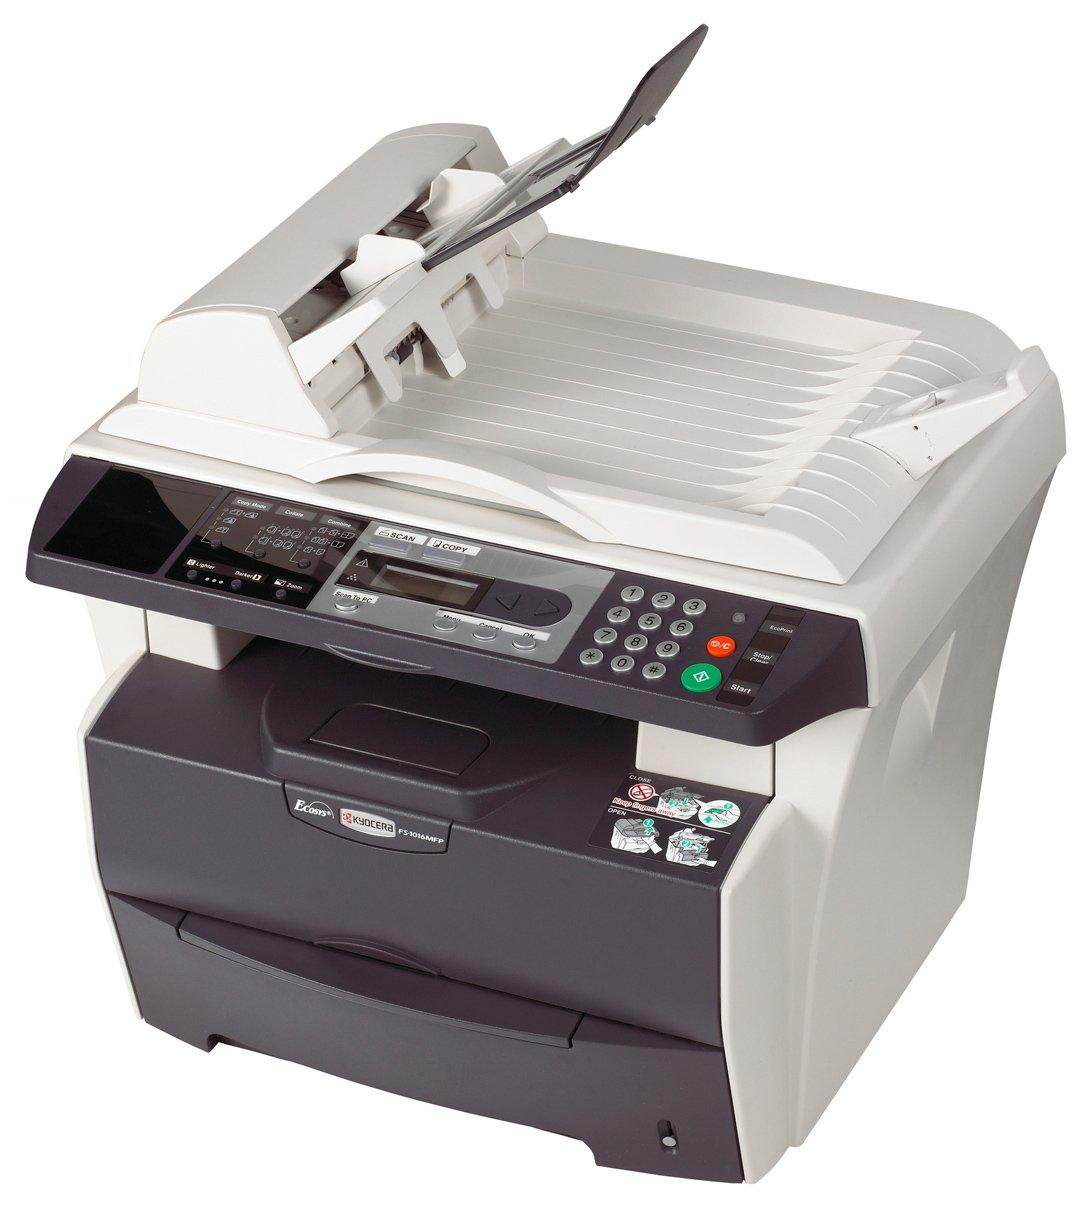 Kyocera FS-1016MFP/KL3 - Impresora multifunción (Laser, Mono ...